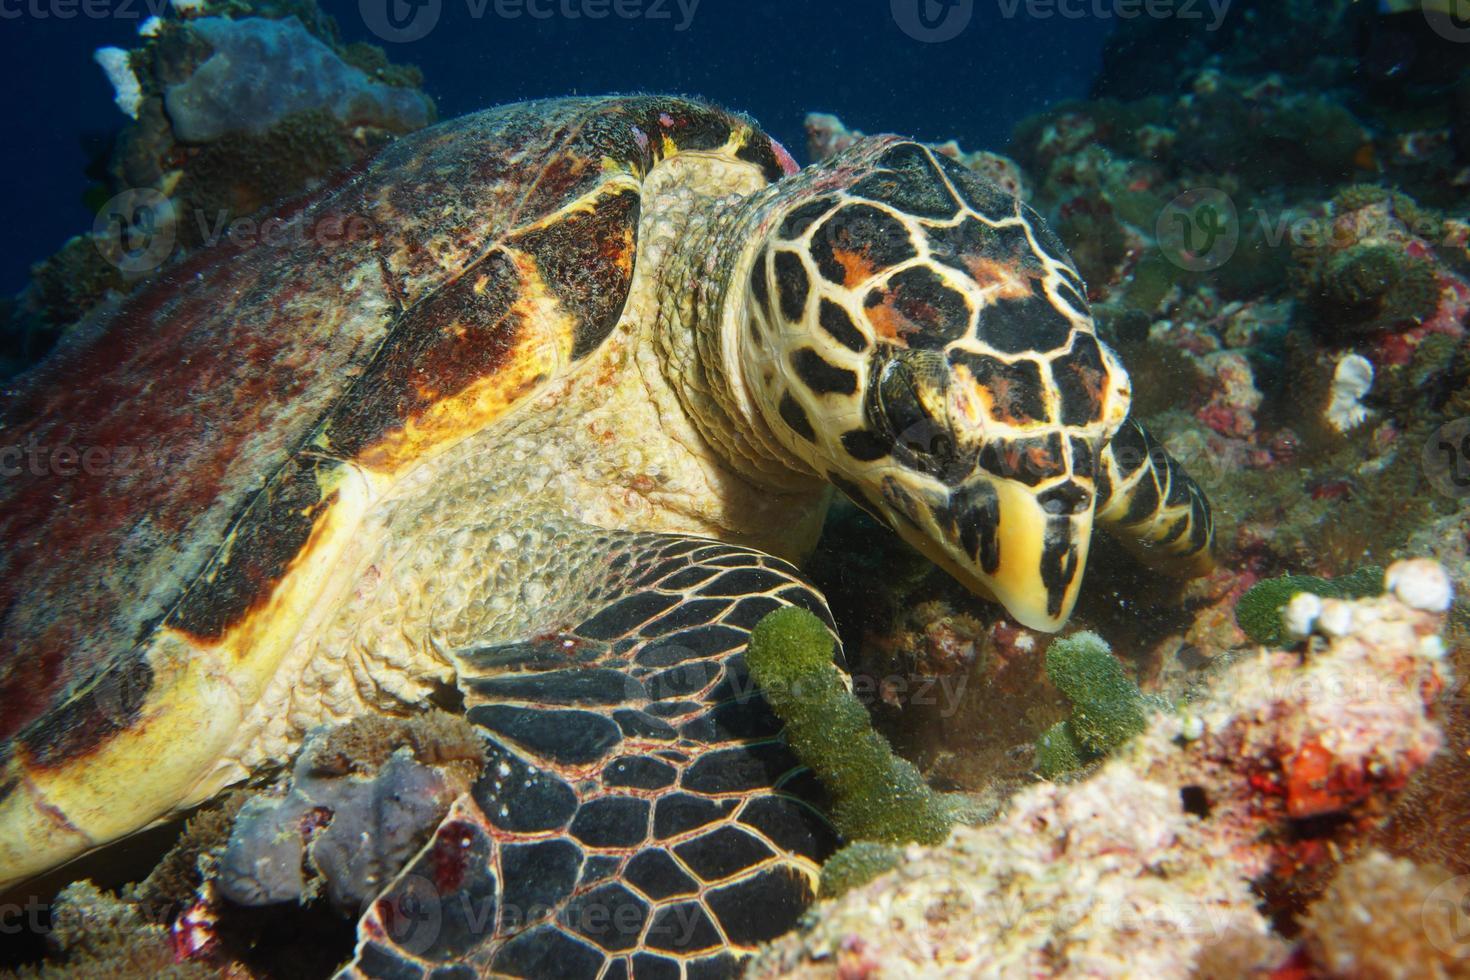 Hawksbill Turtle dines on algae on Maldives Reef photo